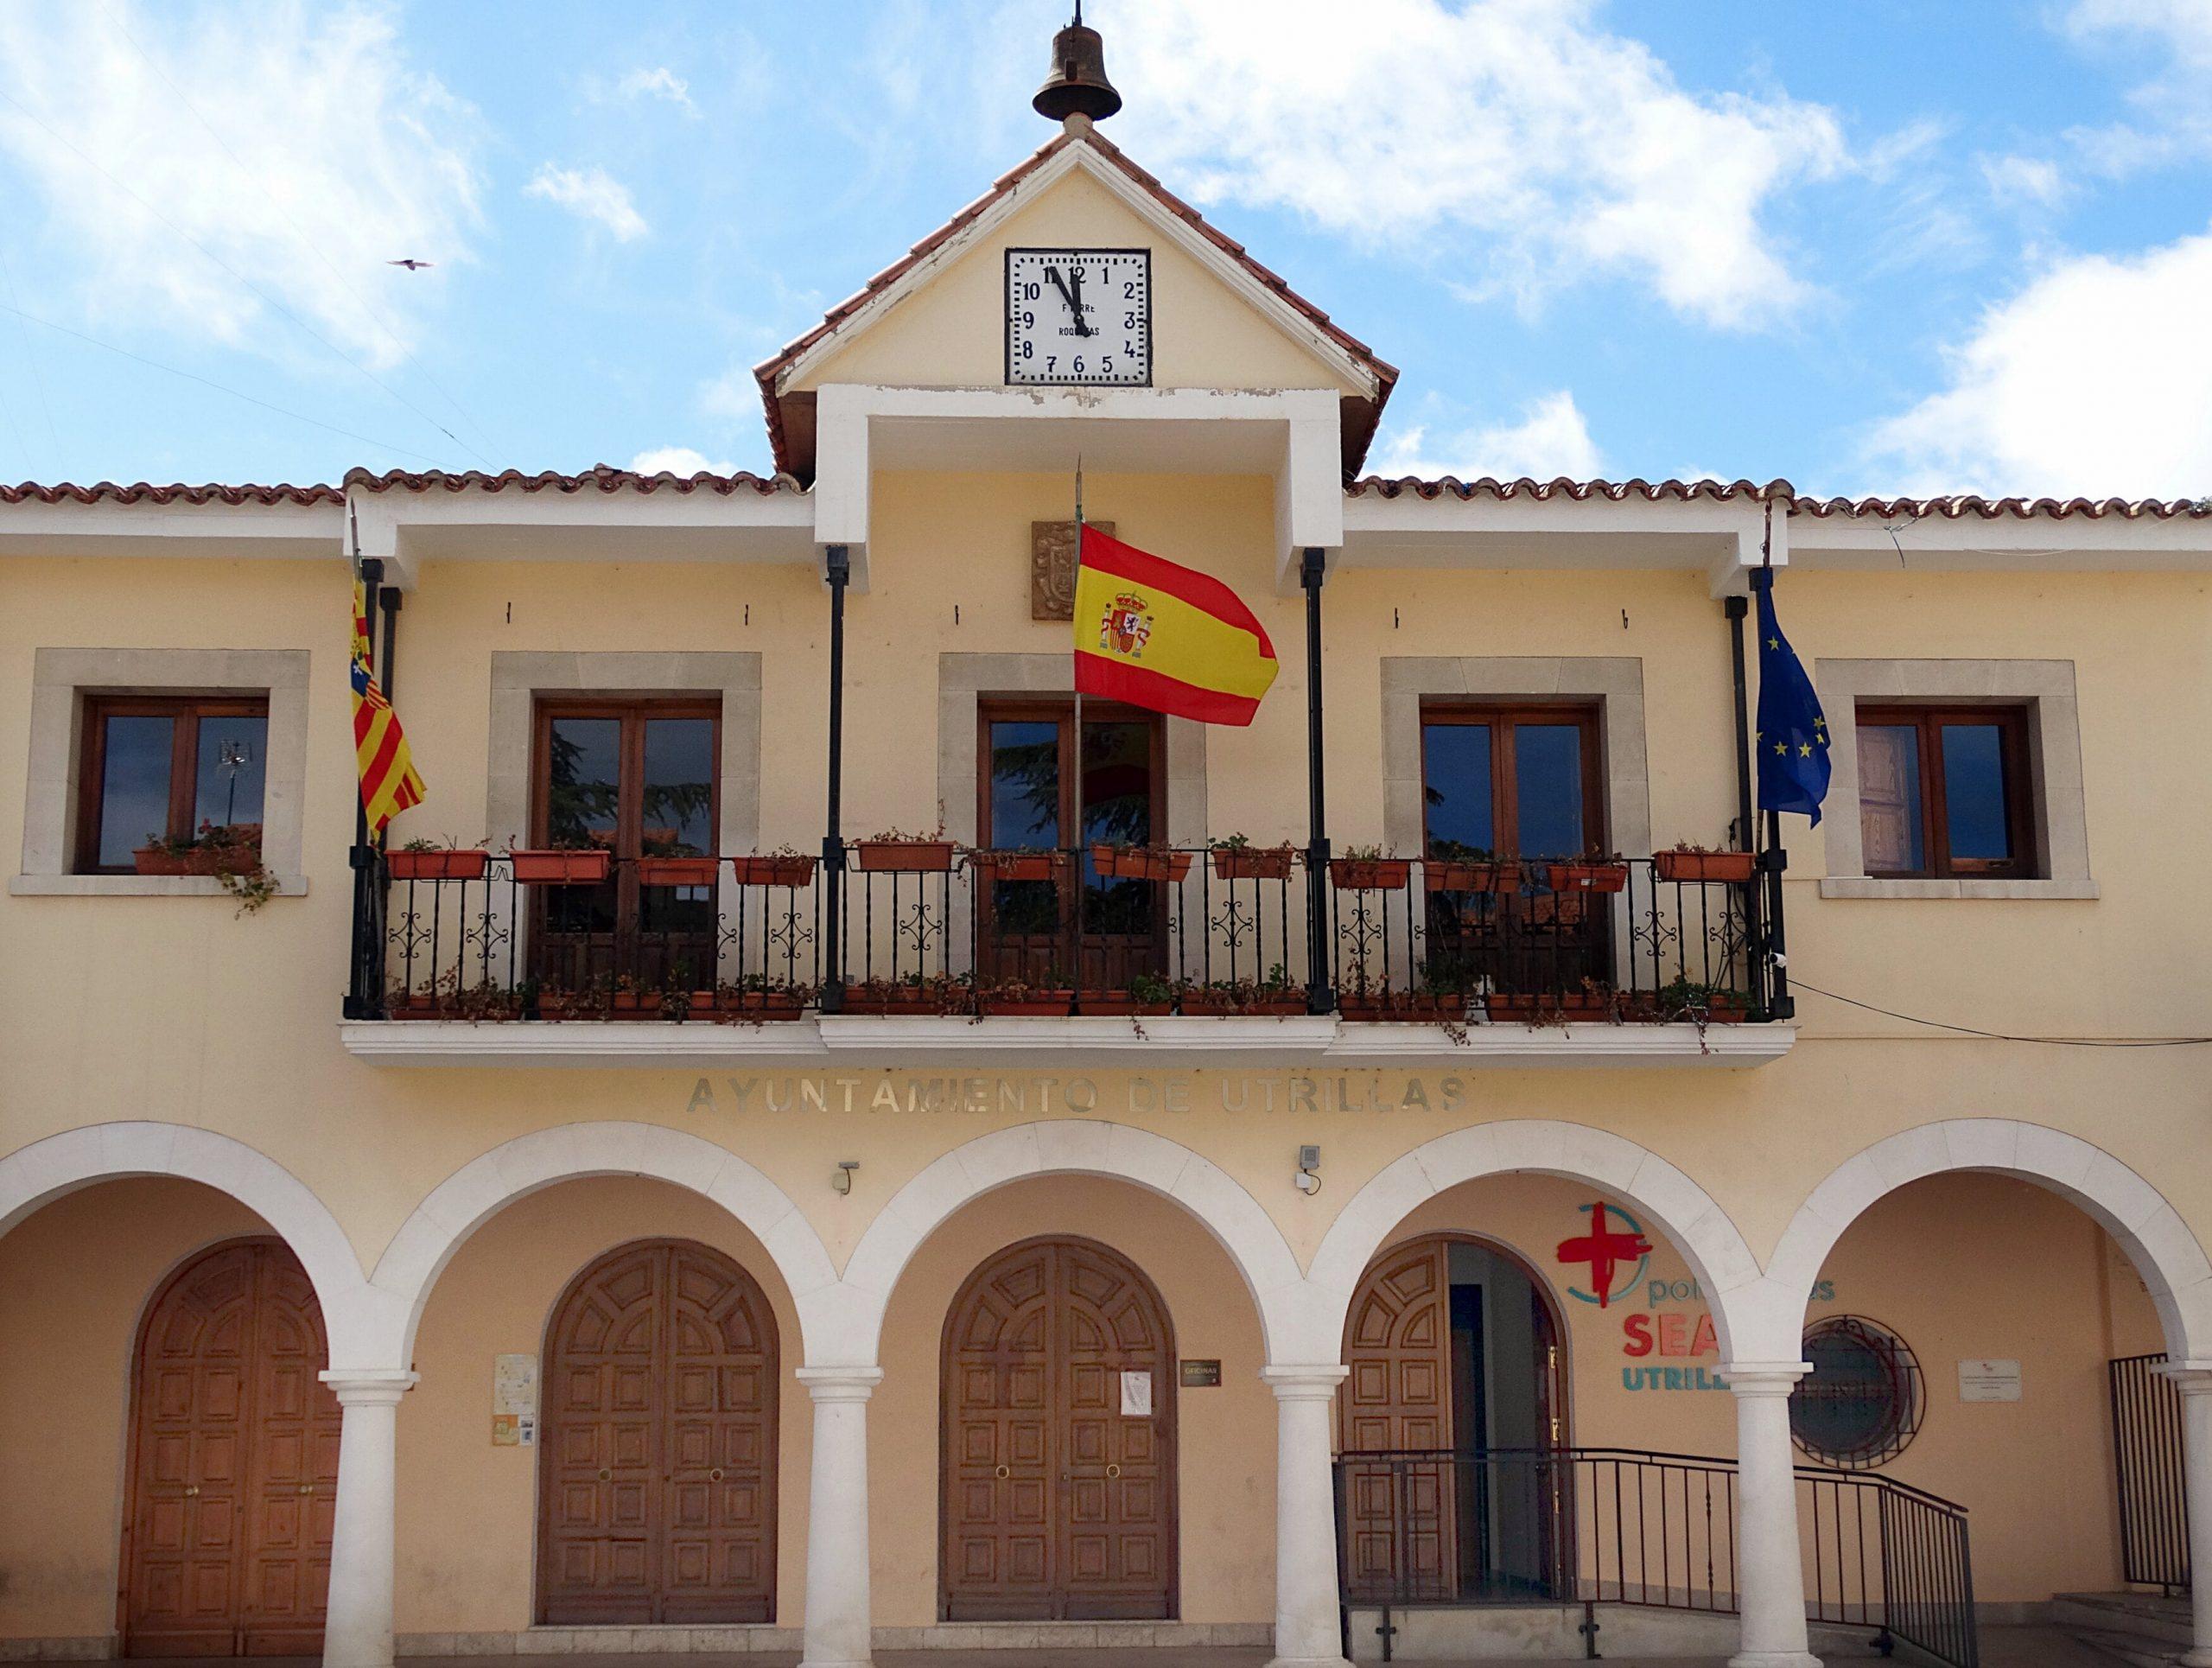 Ayuntamiento Utrillas